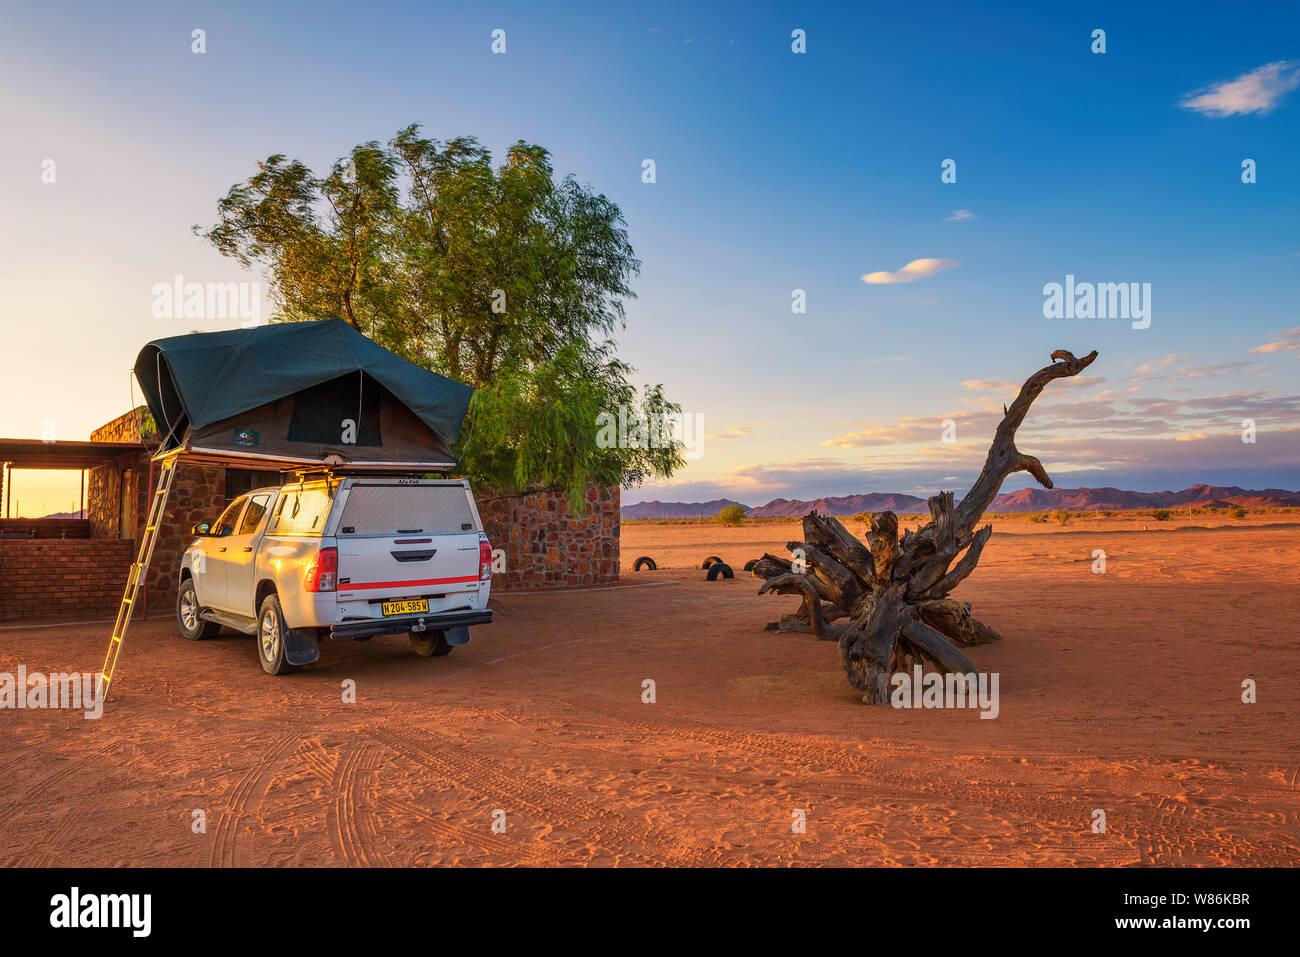 Tente située sur le toit d'une camionnette 4x4 dans un camp dans le désert, Namibie Banque D'Images